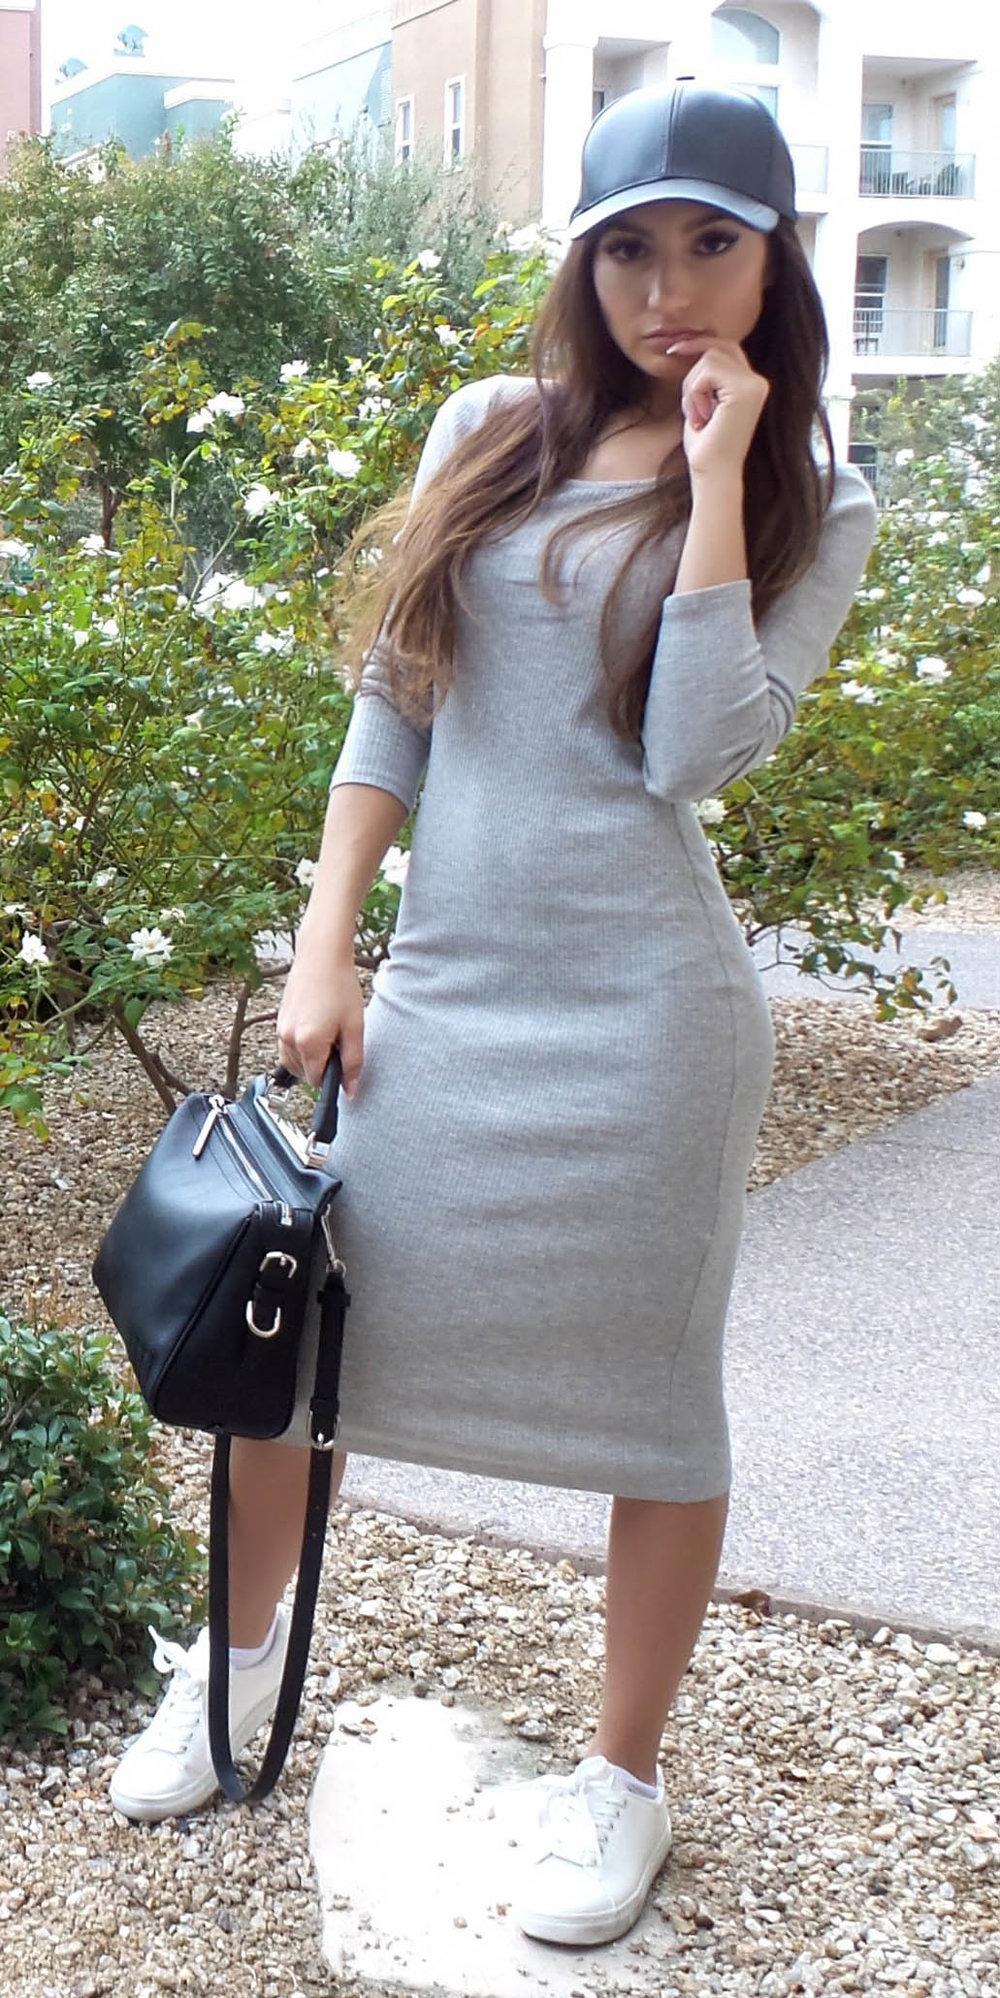 445b8fb3732 grayl-dress-bodycon-black-bag-white-shoe-sneakers-